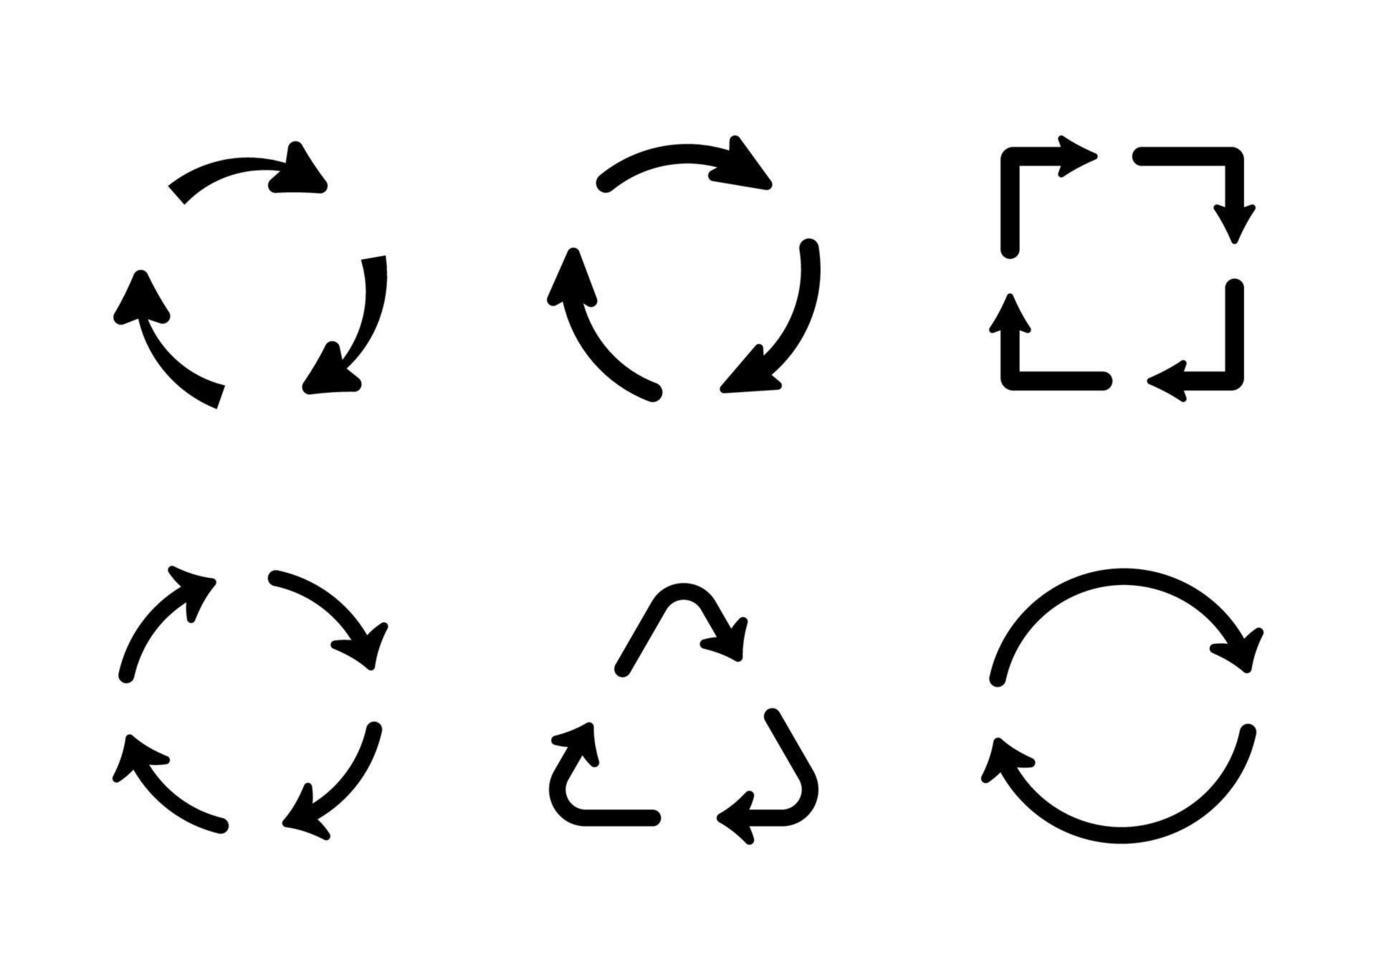 reciclagem conjunto de ícones - ilustração vetorial. vetor